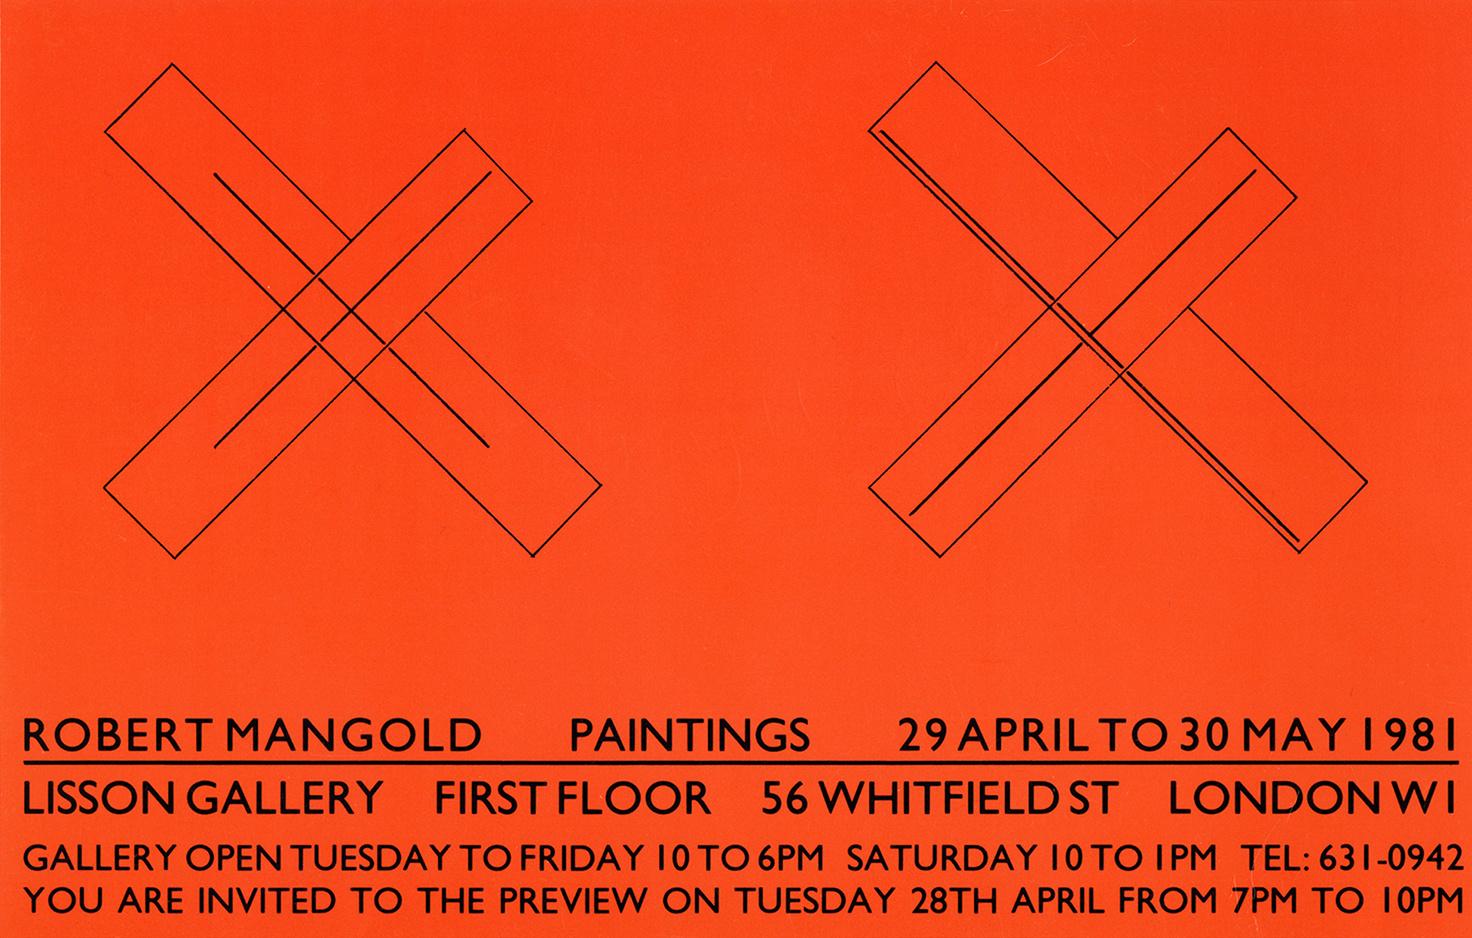 Mangold_invite_april_1981